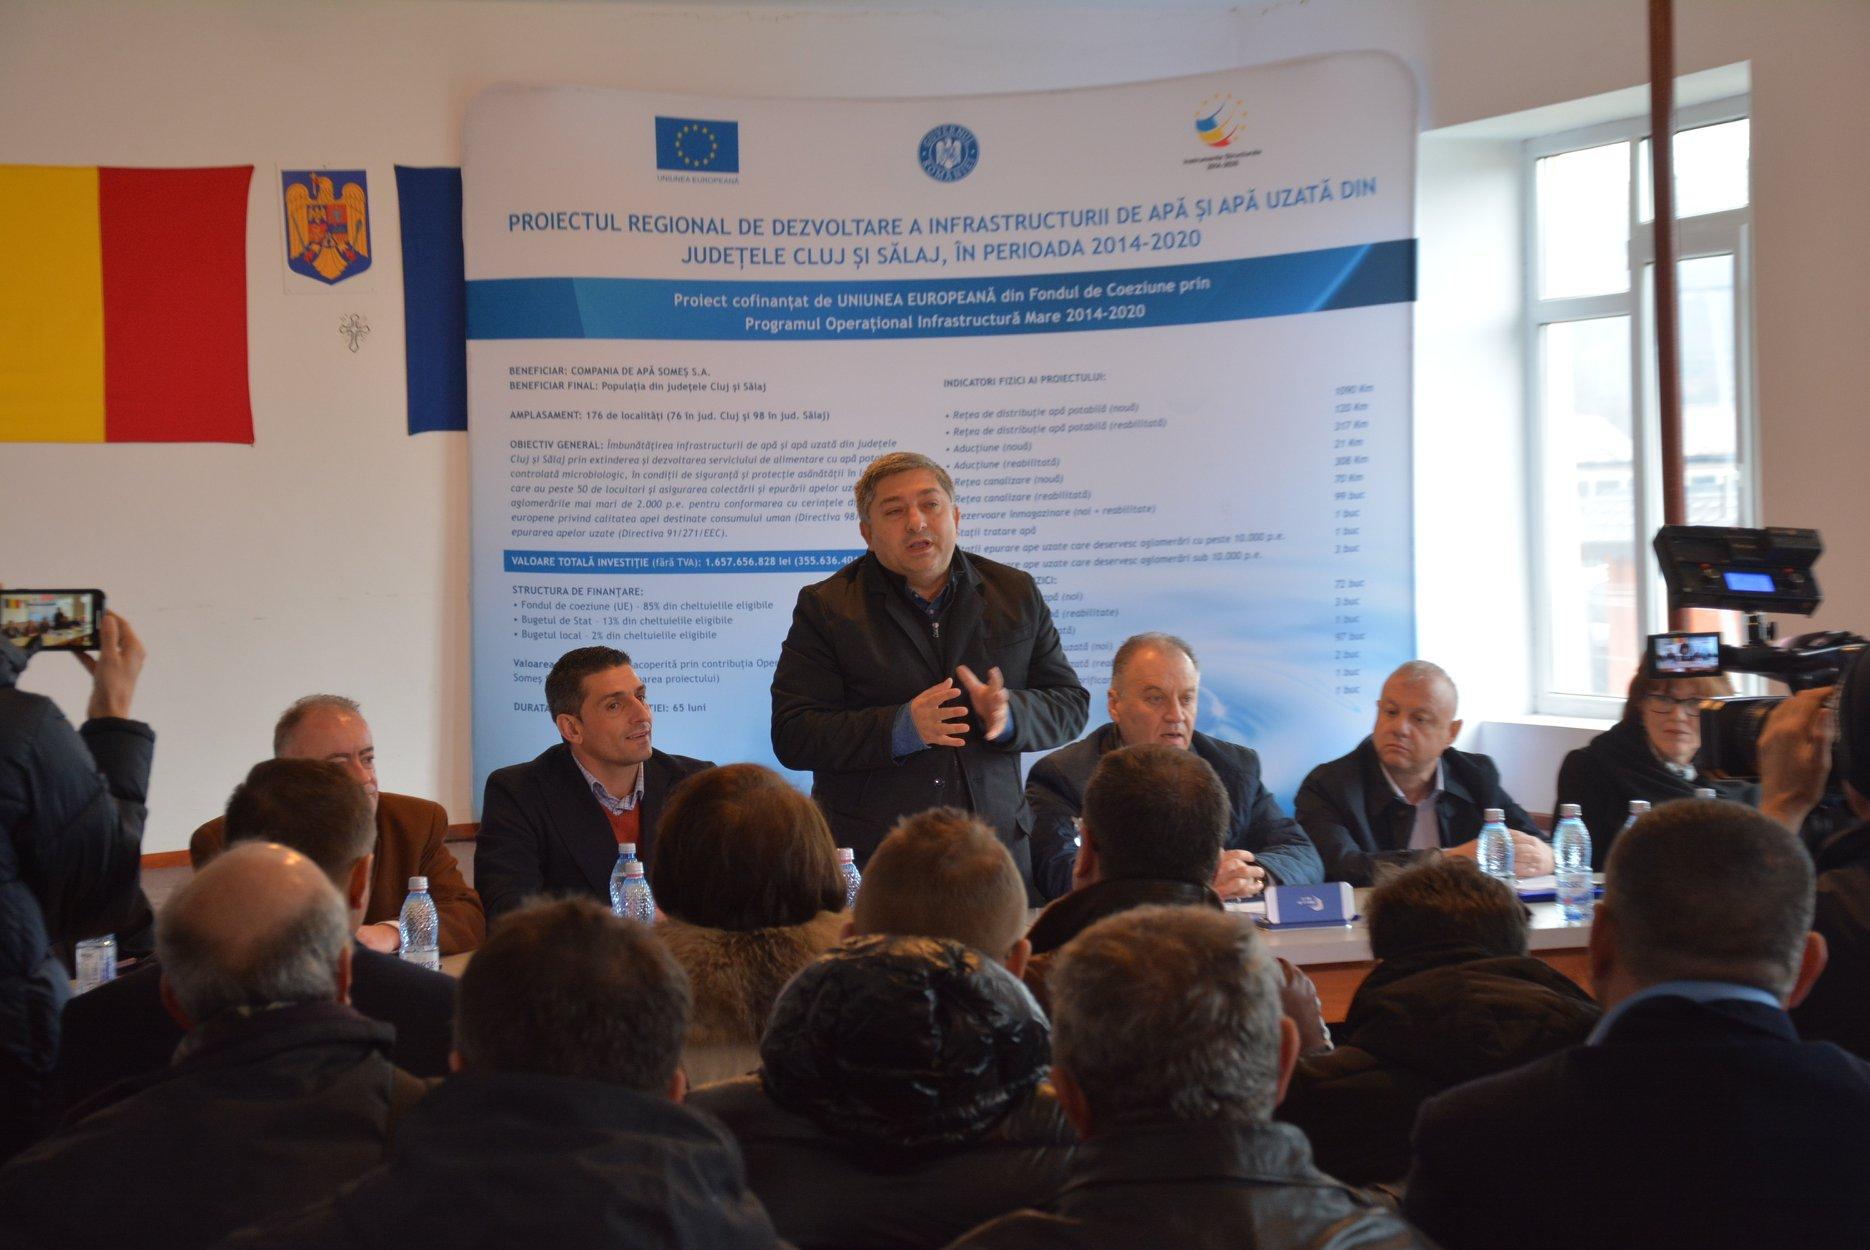 Consiliul Județean a semnat primul contract de lucrări din județul Cluj, aferent Proiectului regional de apă în valoare de 355,6 milioane de euro